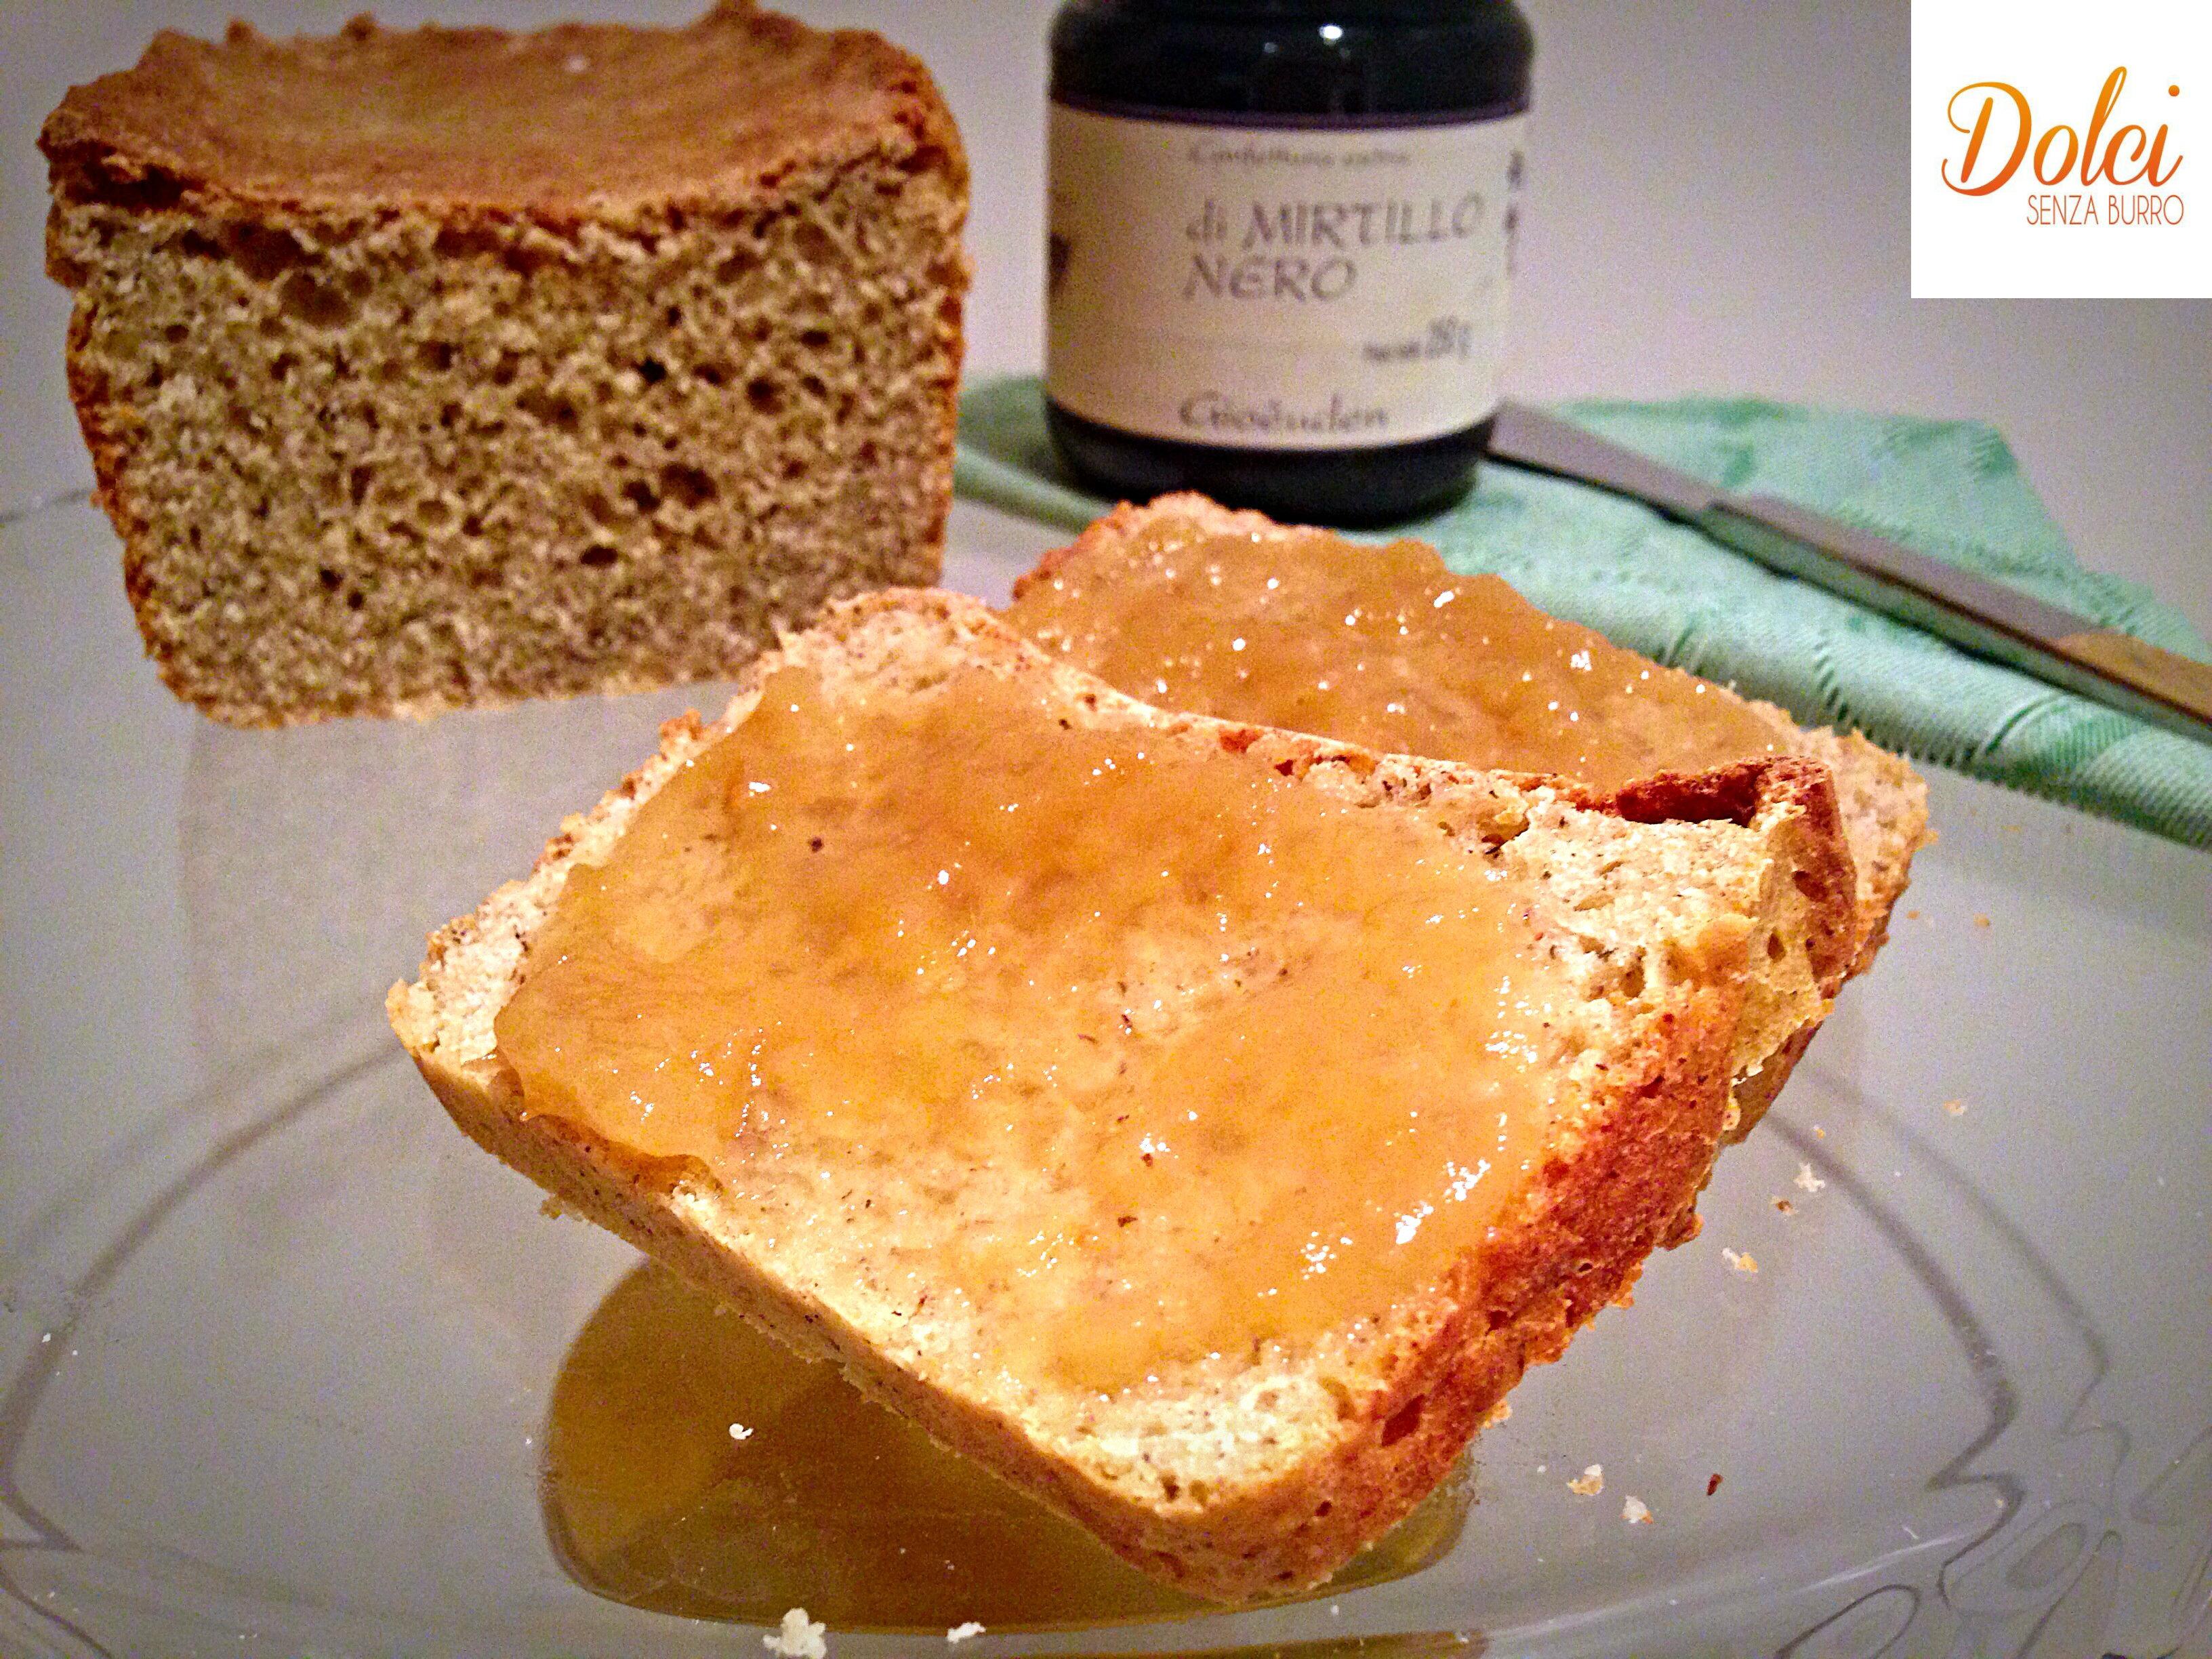 Pan bauletto senza glutine e burro, il pane per la colazione di dolci senza burro